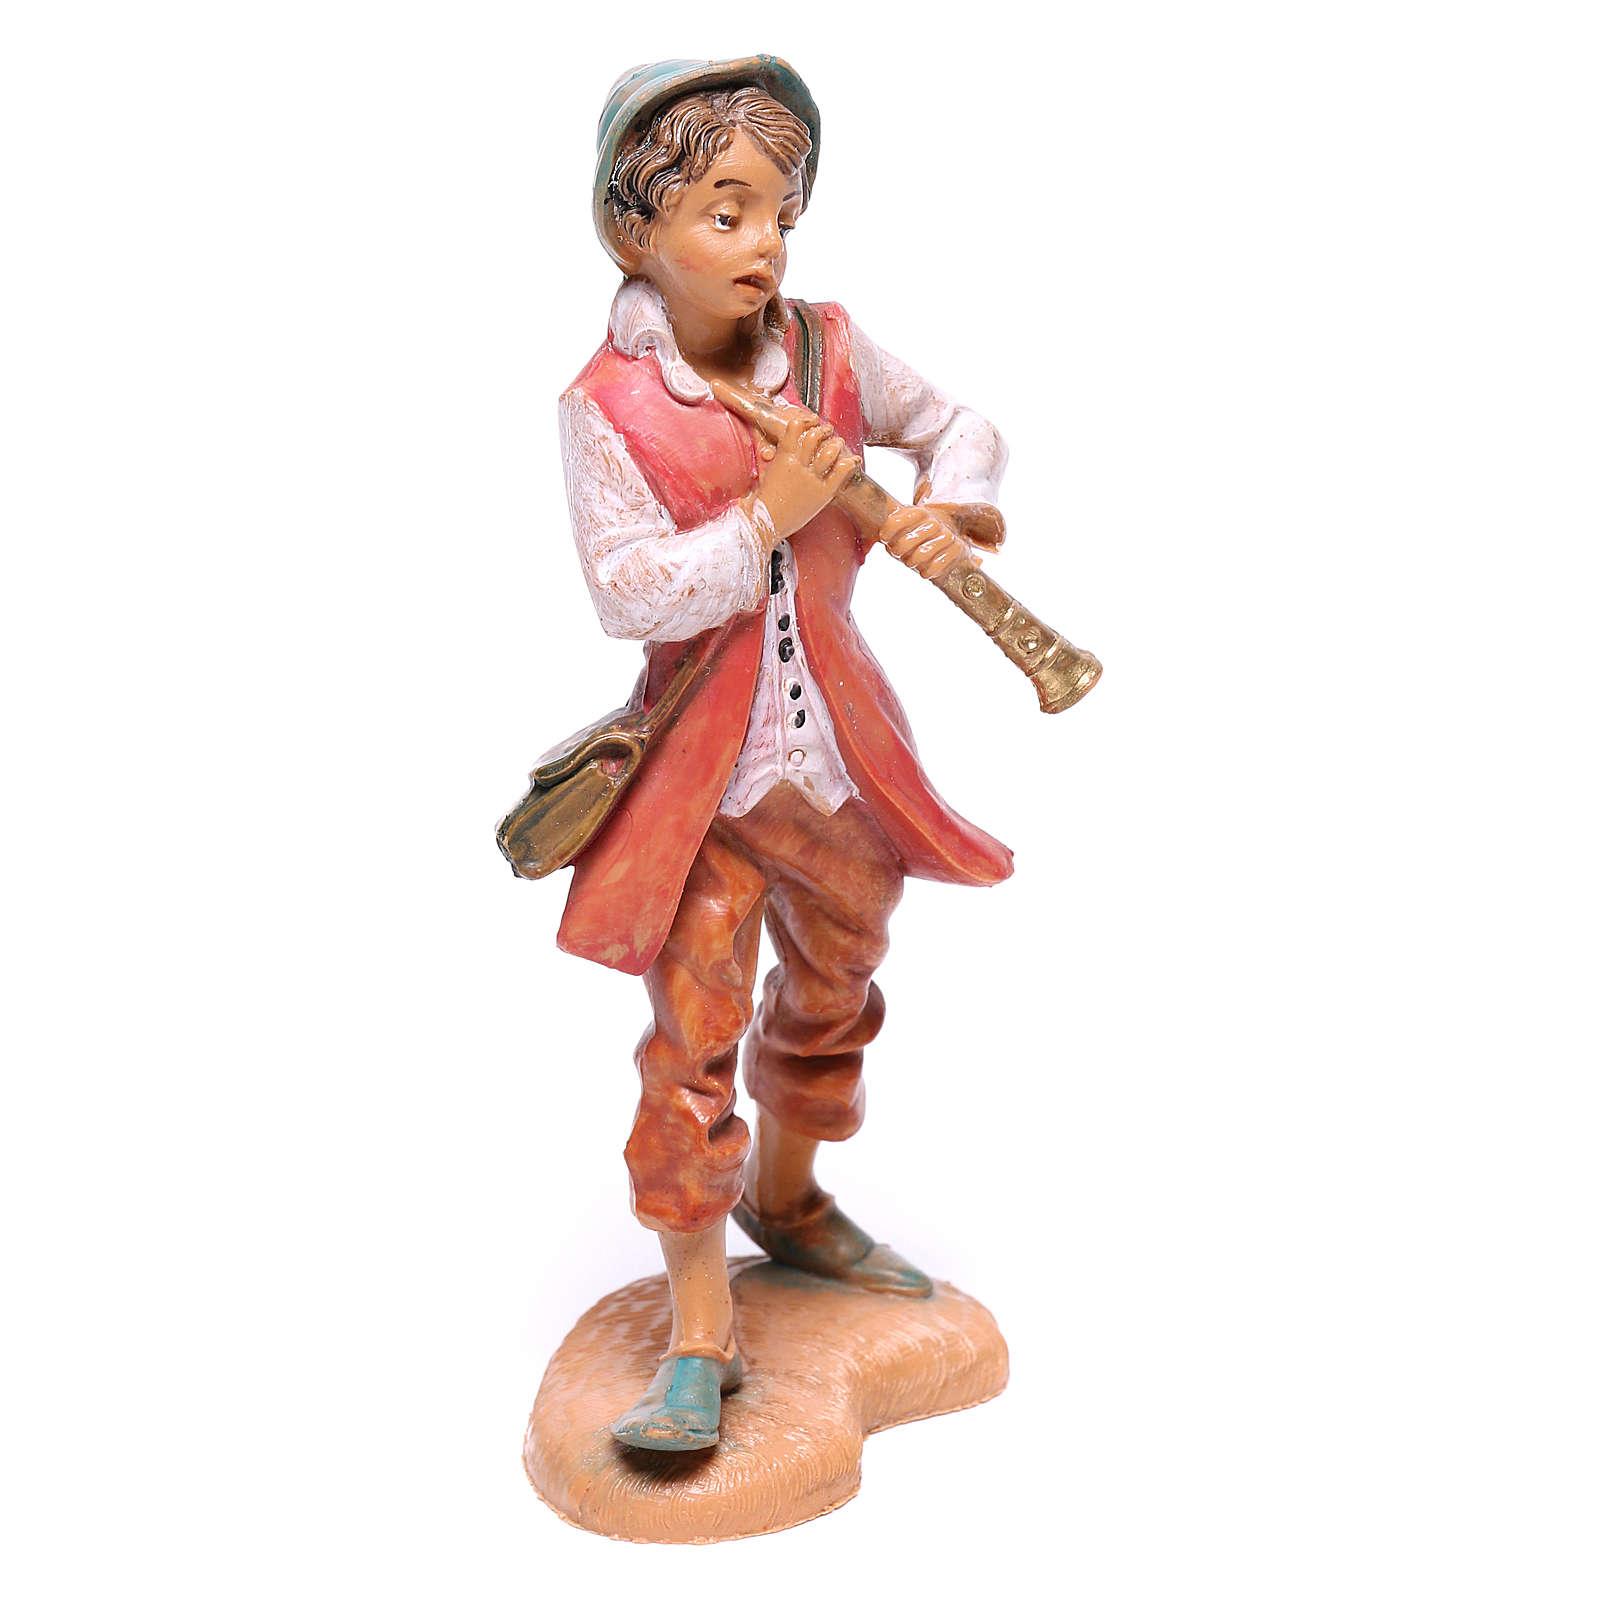 Pastore con flauto 10 cm presepe Fontanini 4